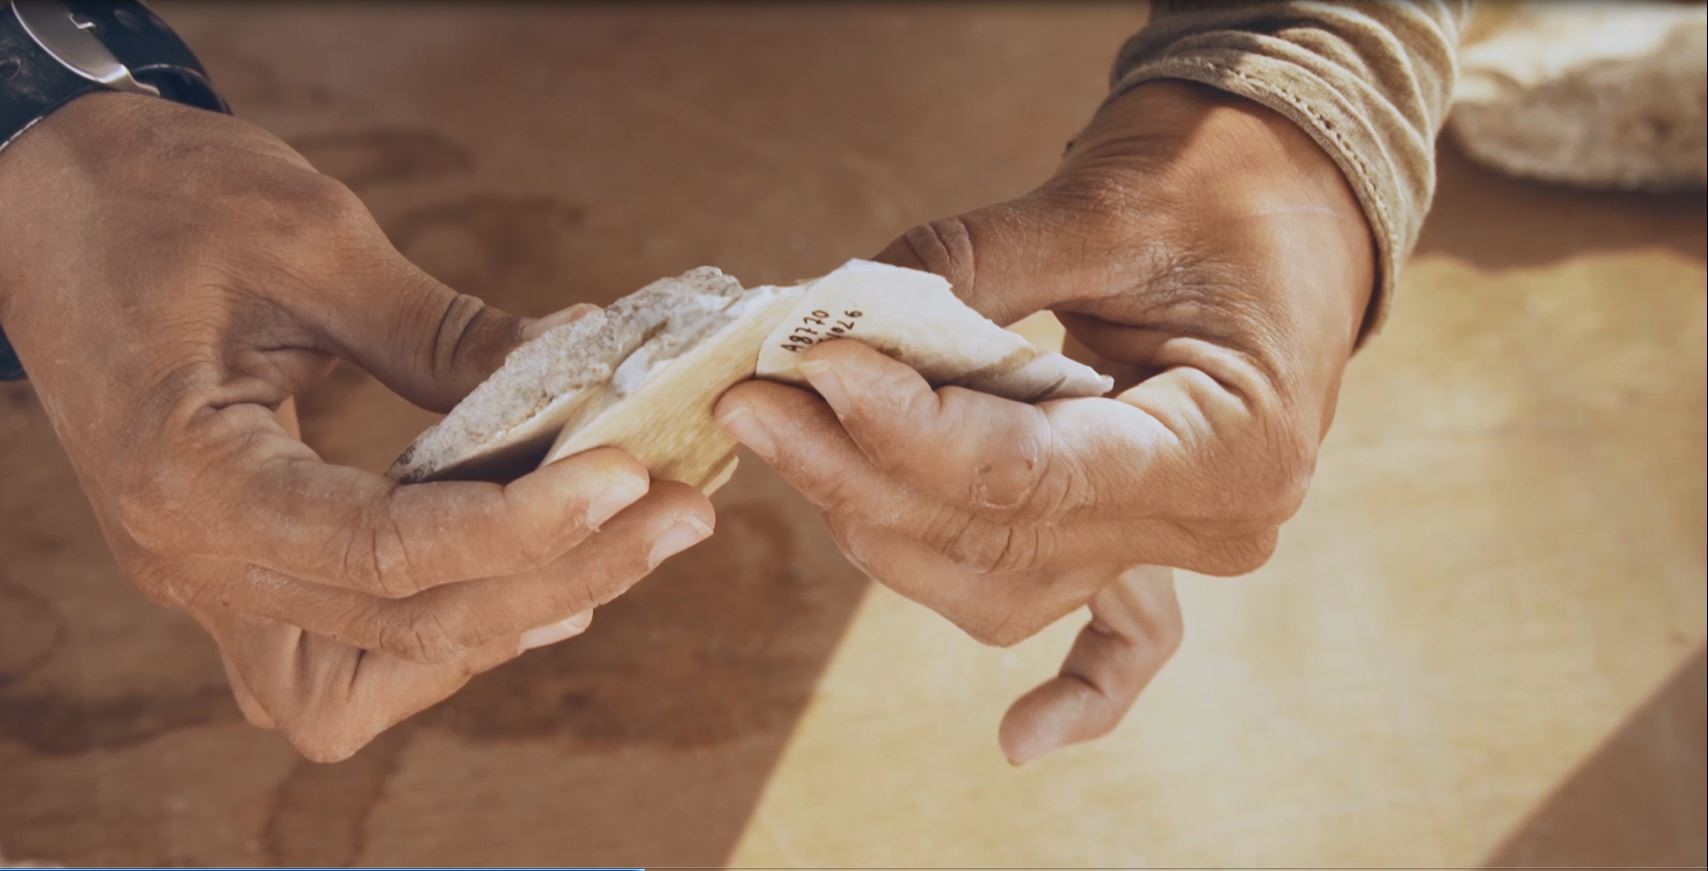 Encuentran evidencias de humanos que abandonaron África hace 100.000 años en Dimona